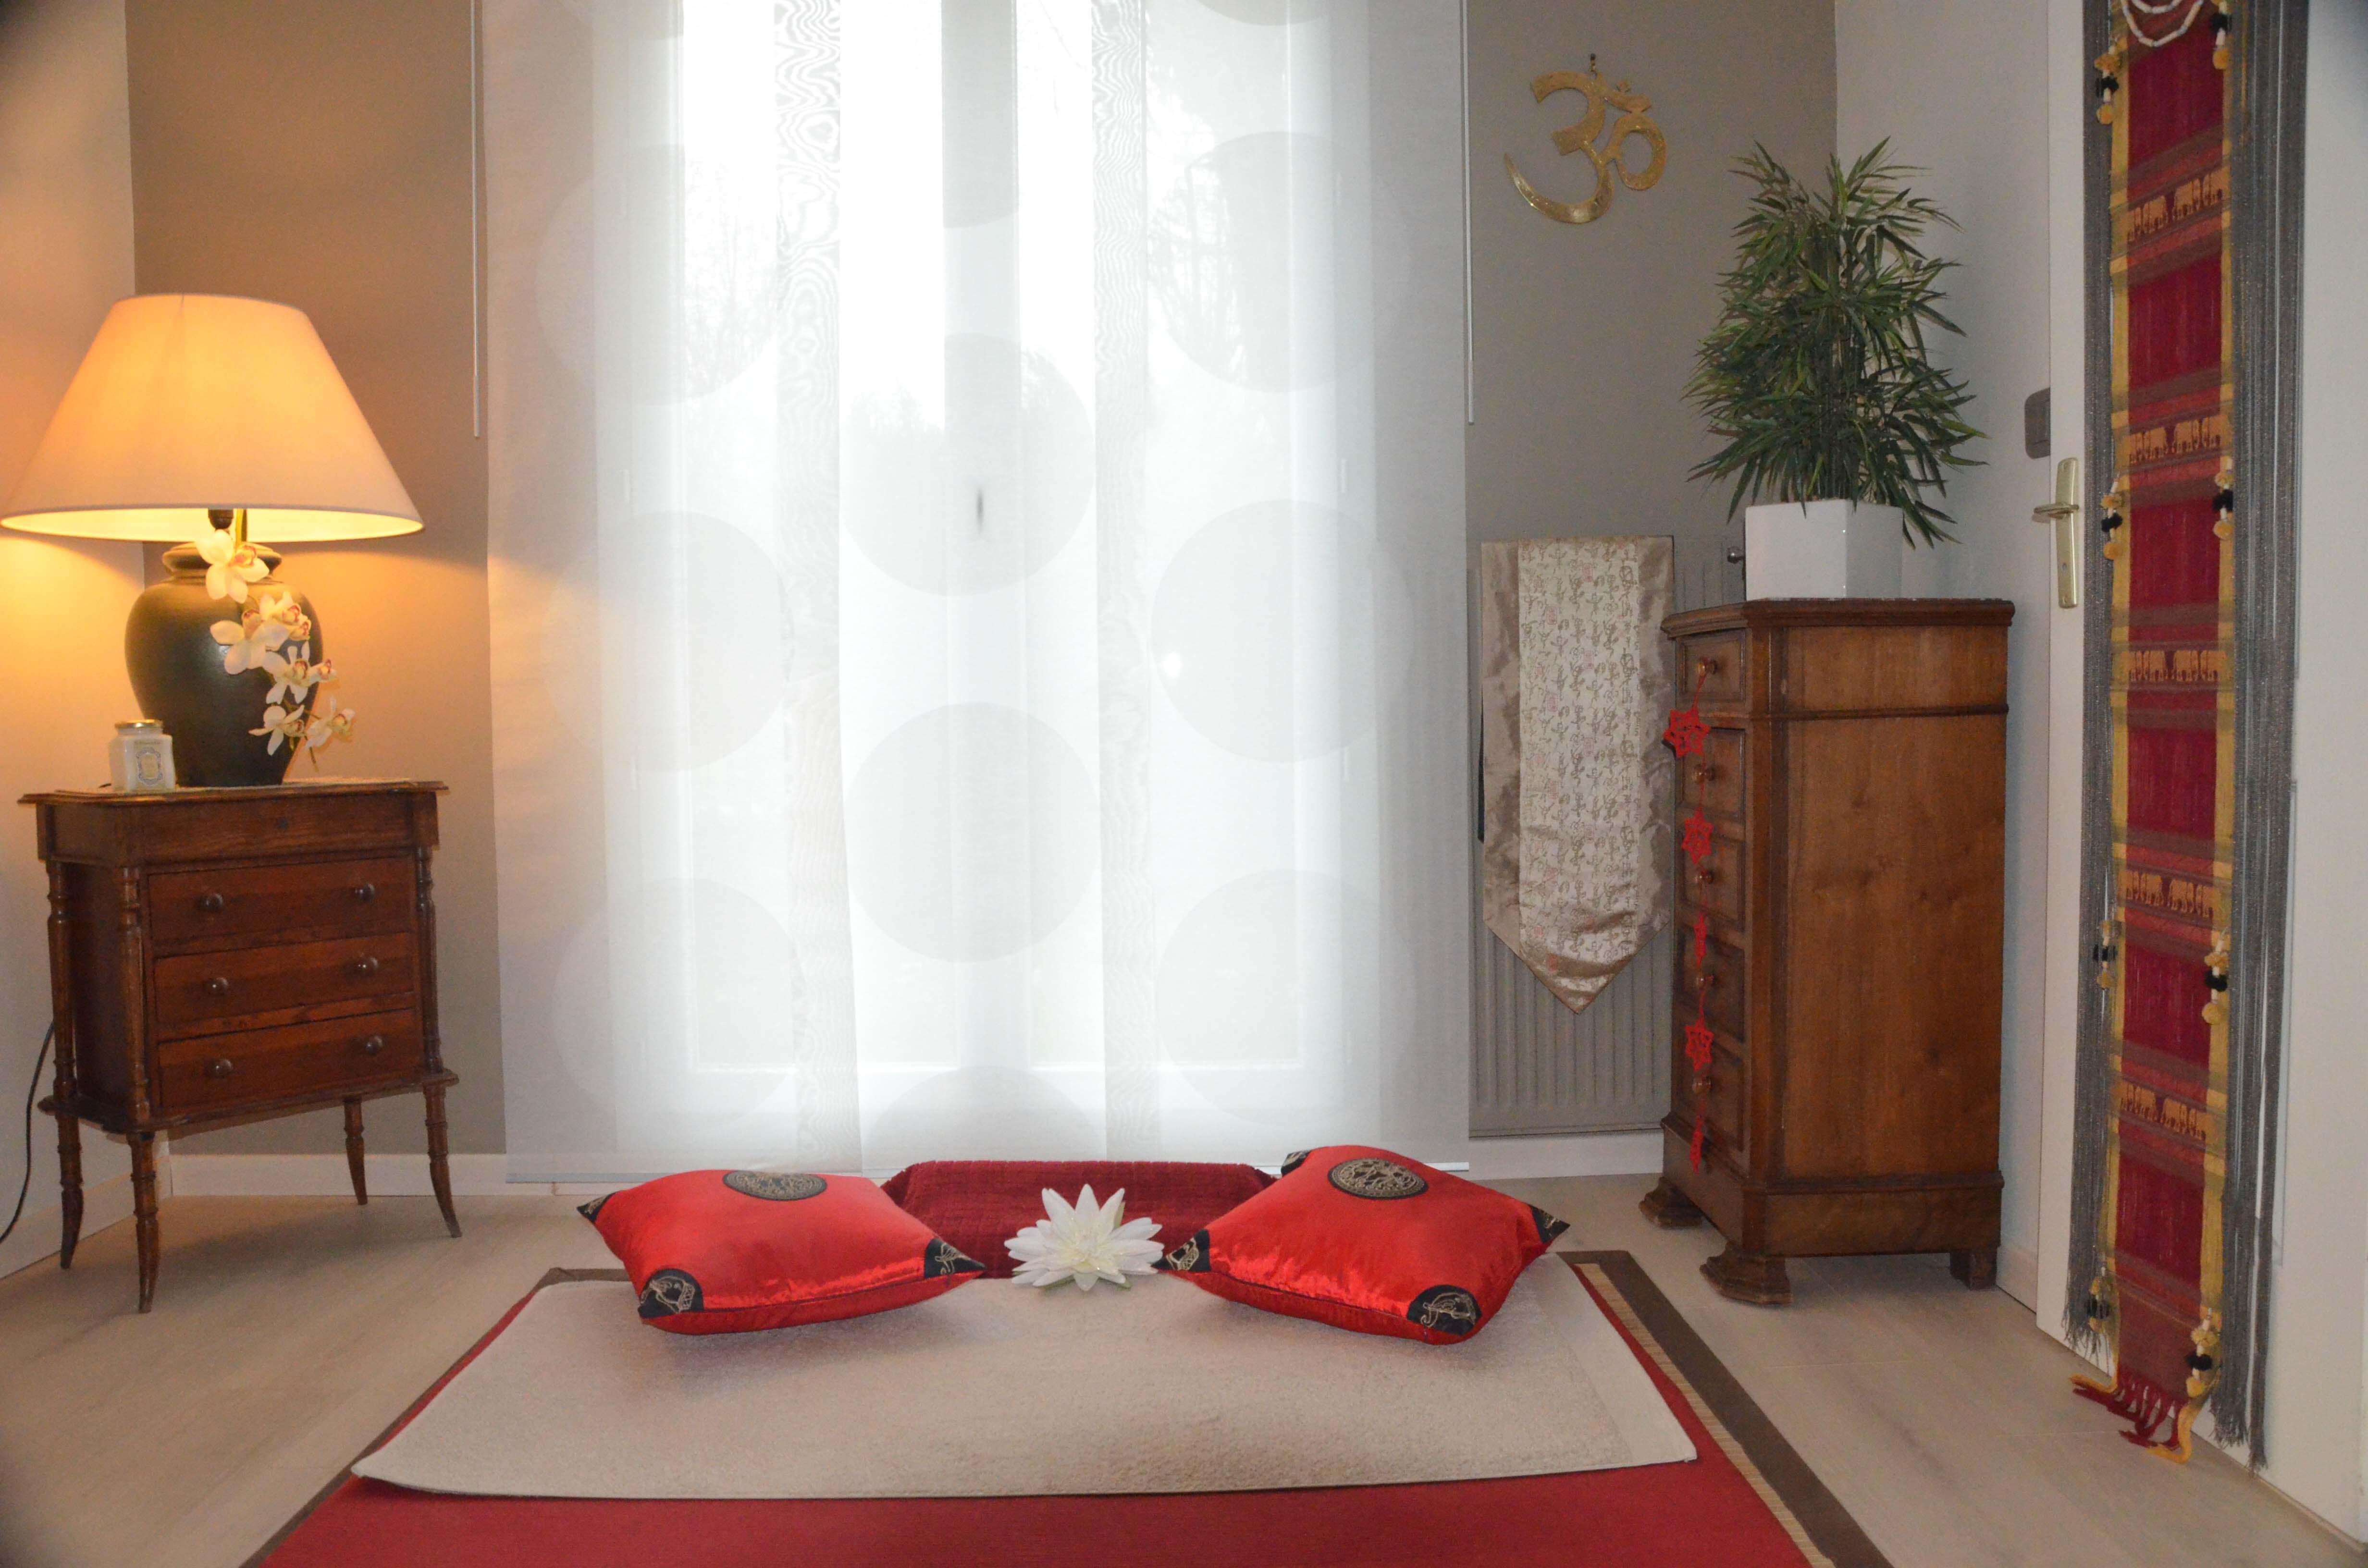 Salon-De-Massage-Thailandais-Traditionnel-Bussy-Saint-Georges